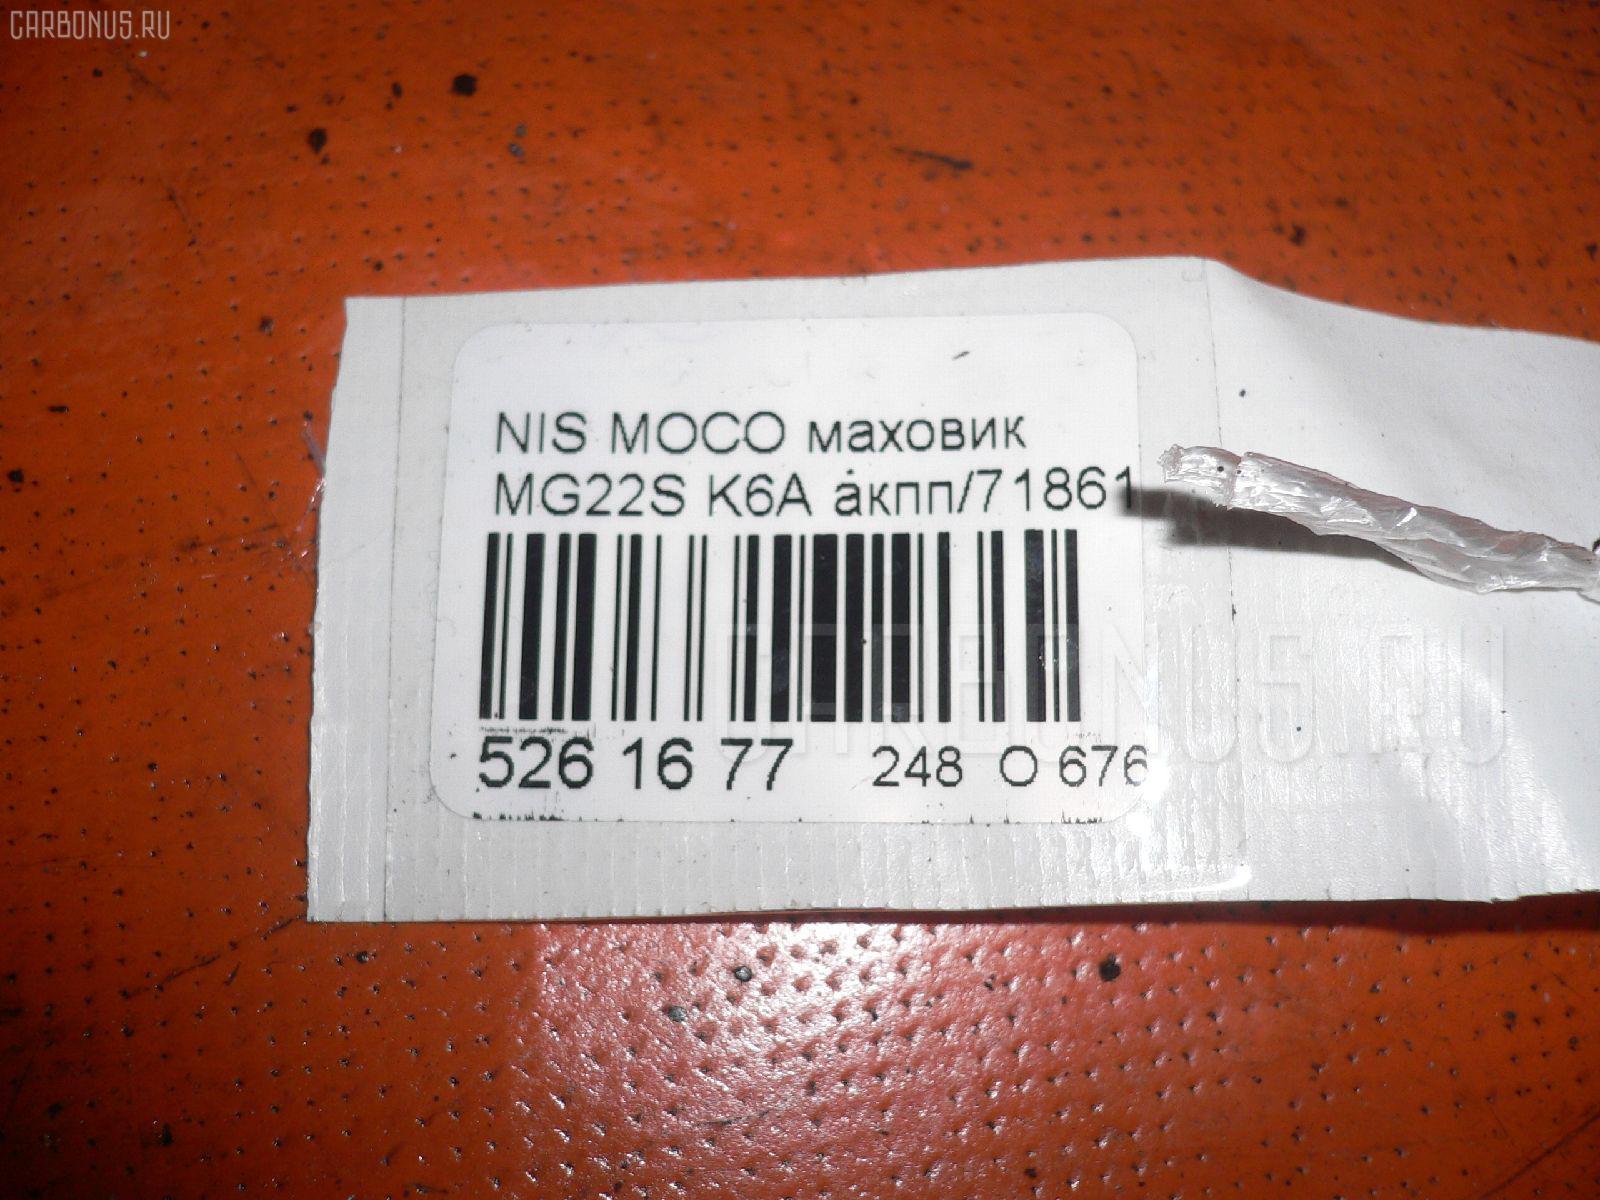 Маховик NISSAN MOCO MG22S K6A Фото 5